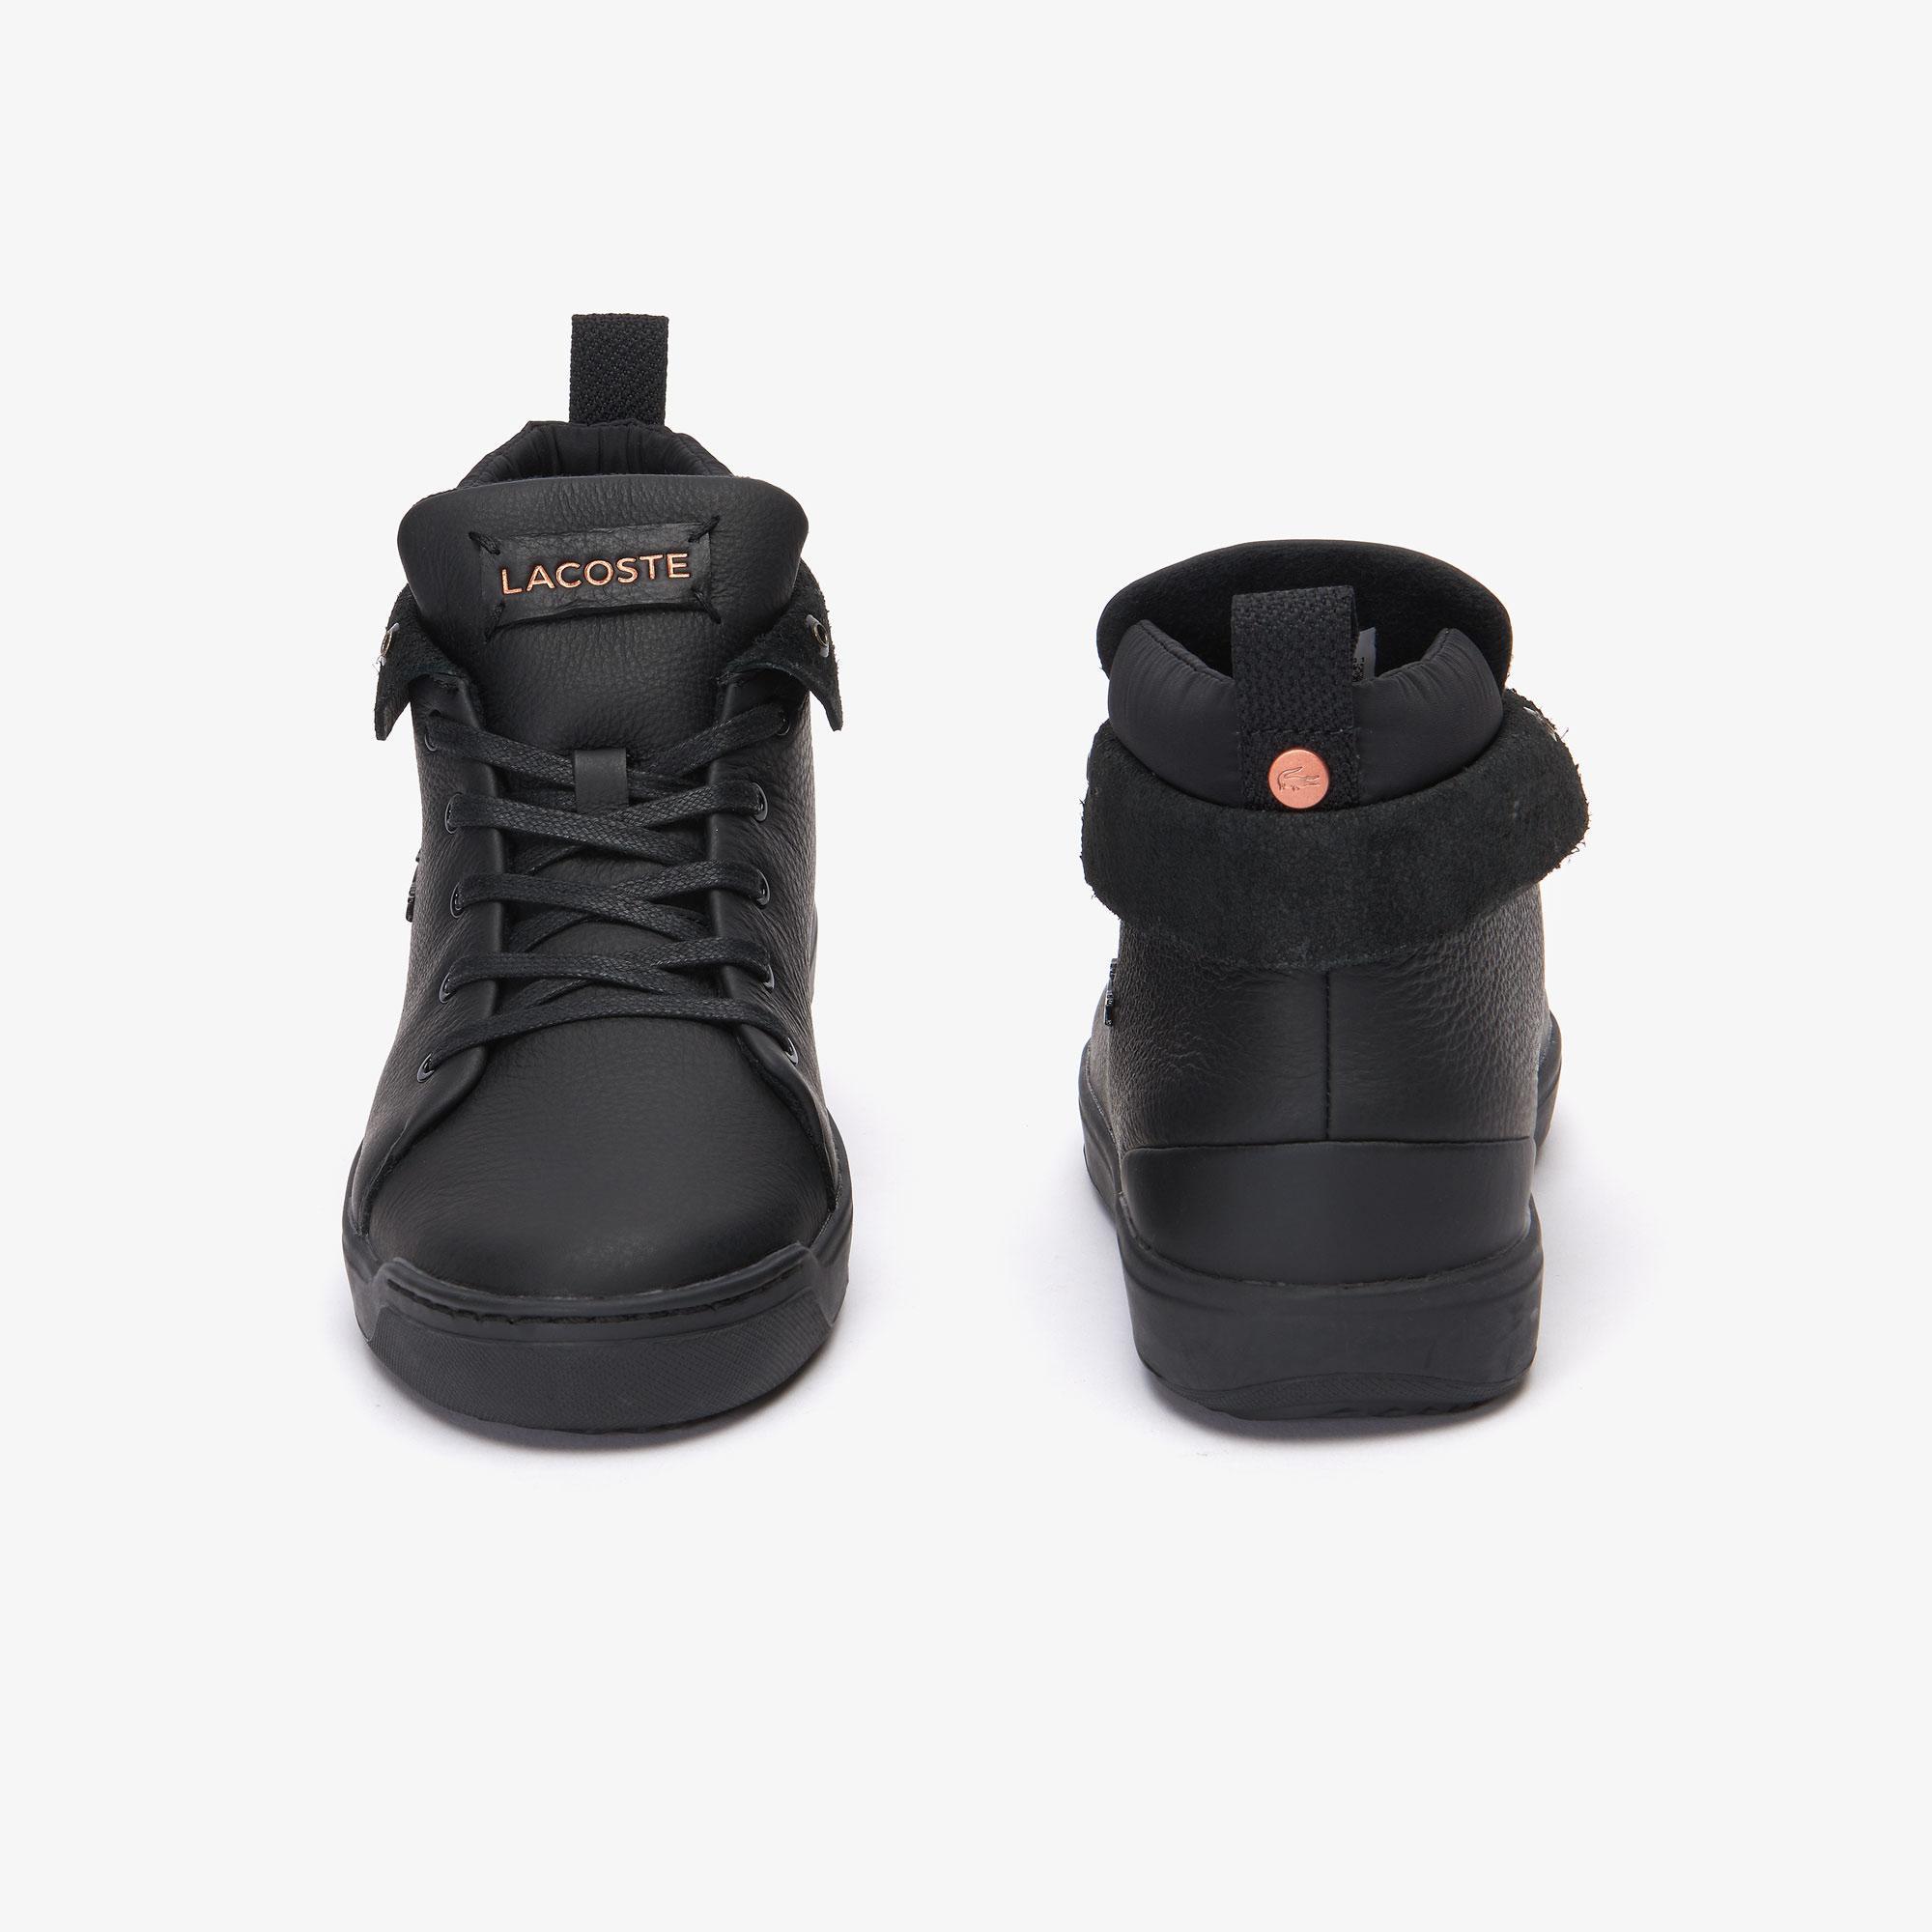 Lacoste Women's Explorateur Classic 319 1 Boots